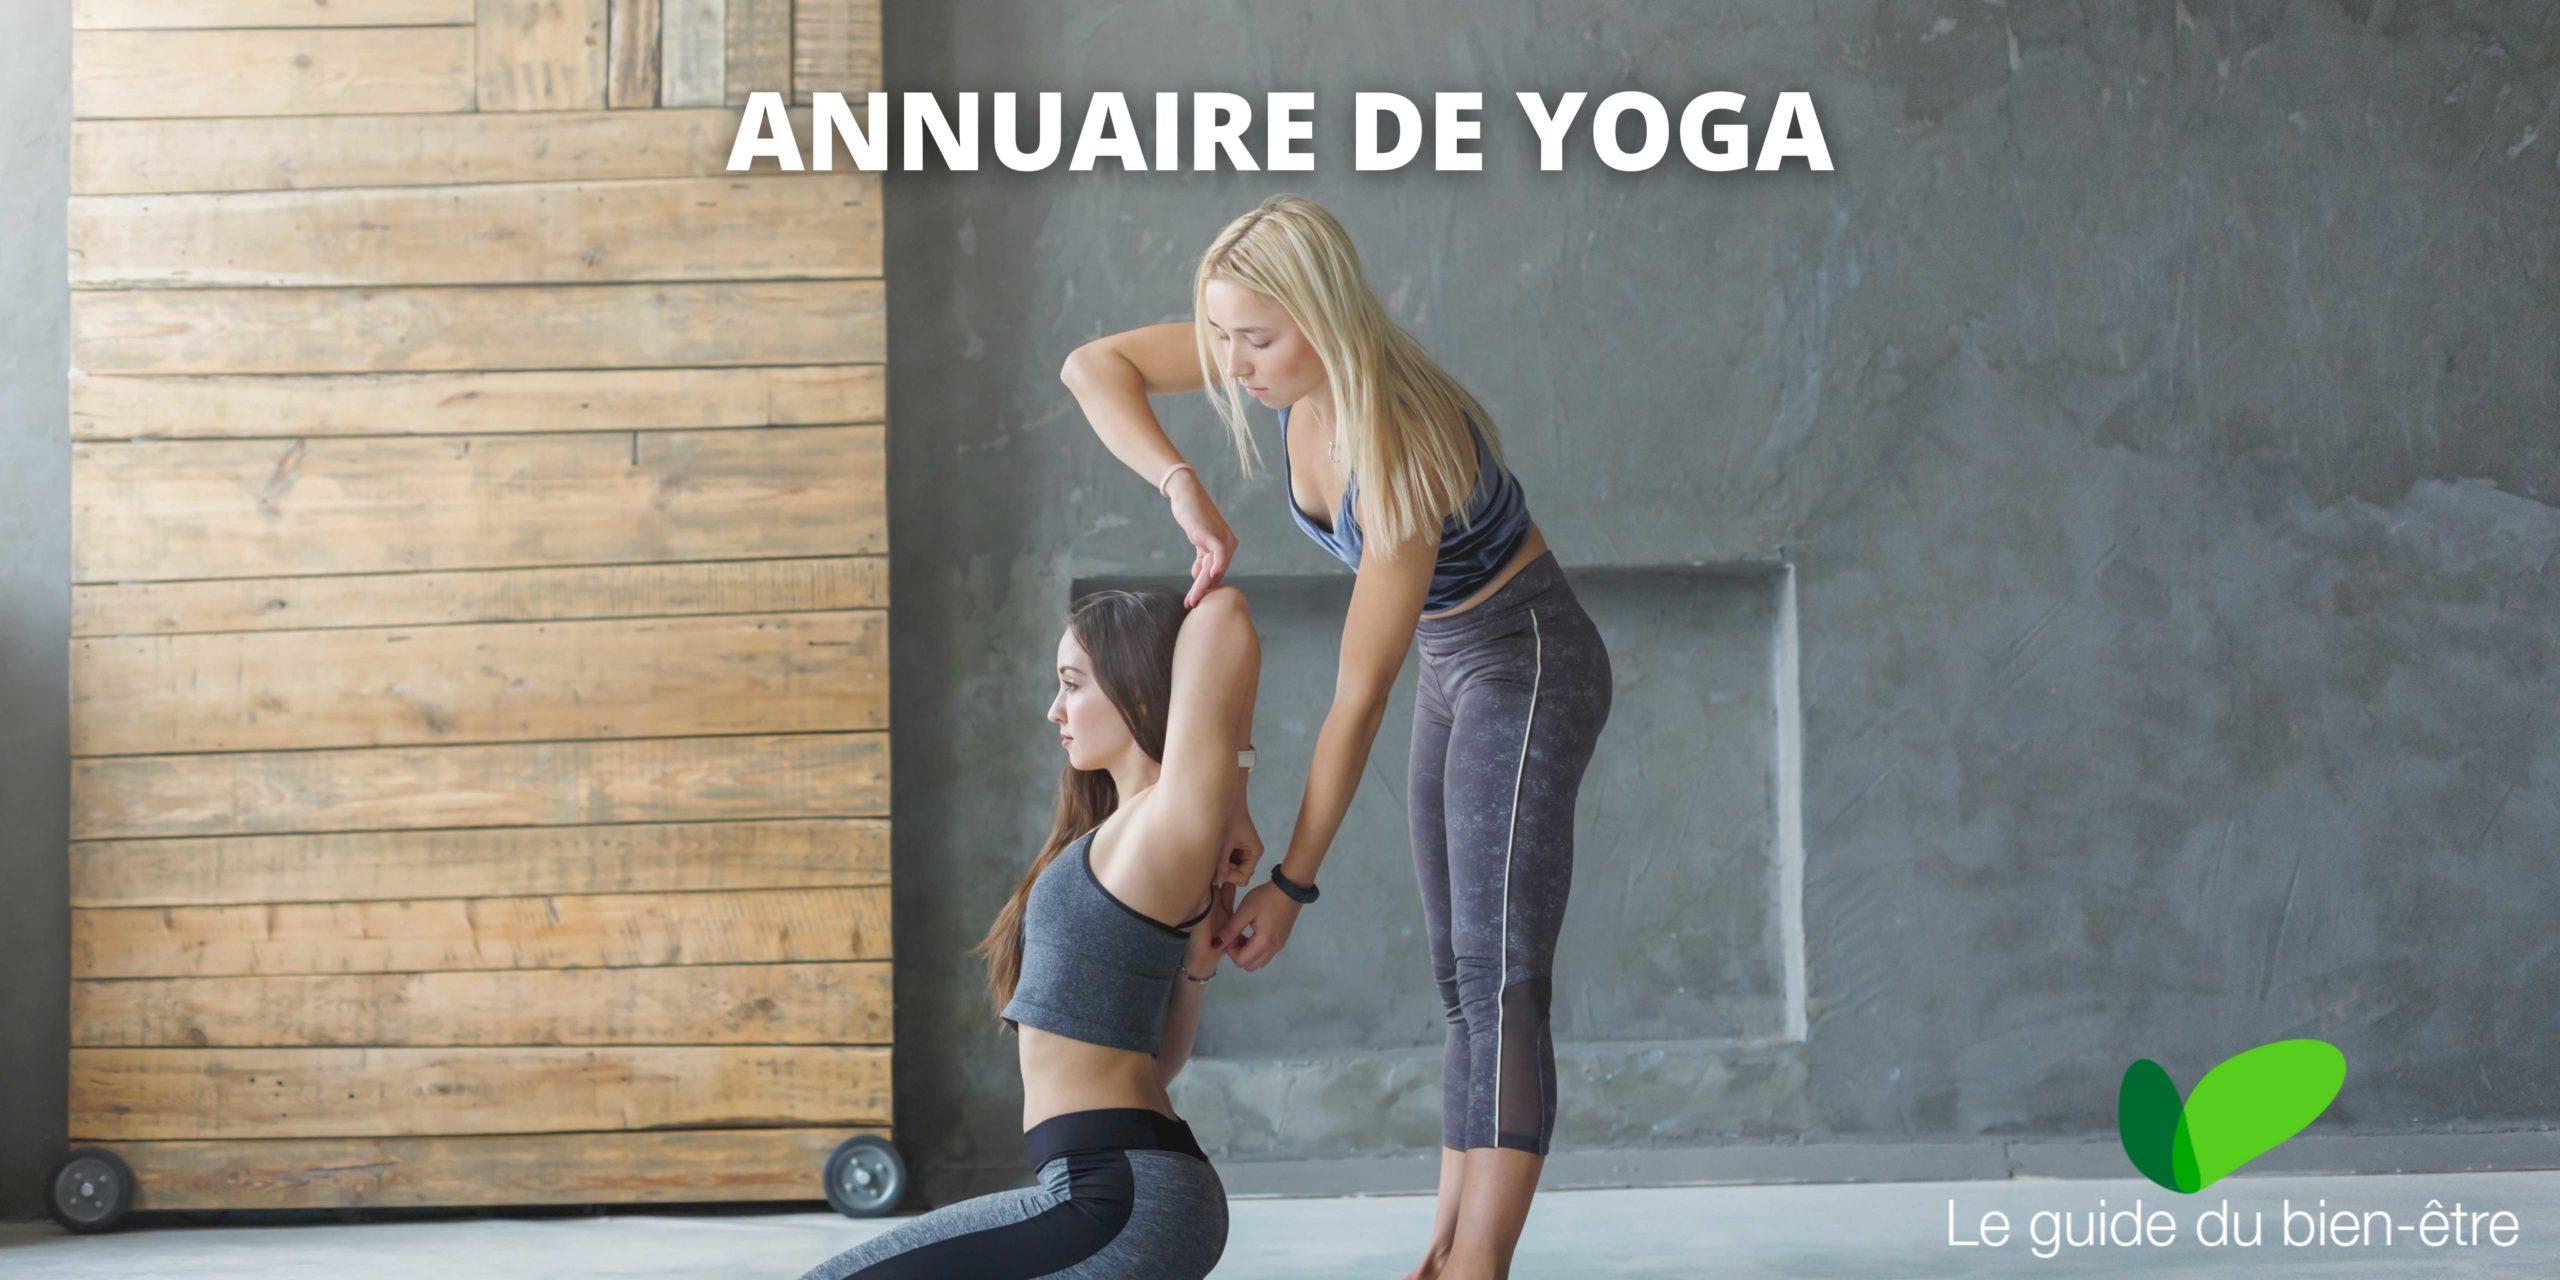 annuaire yoga, trouver des professeurs de yoga proches de chez vous